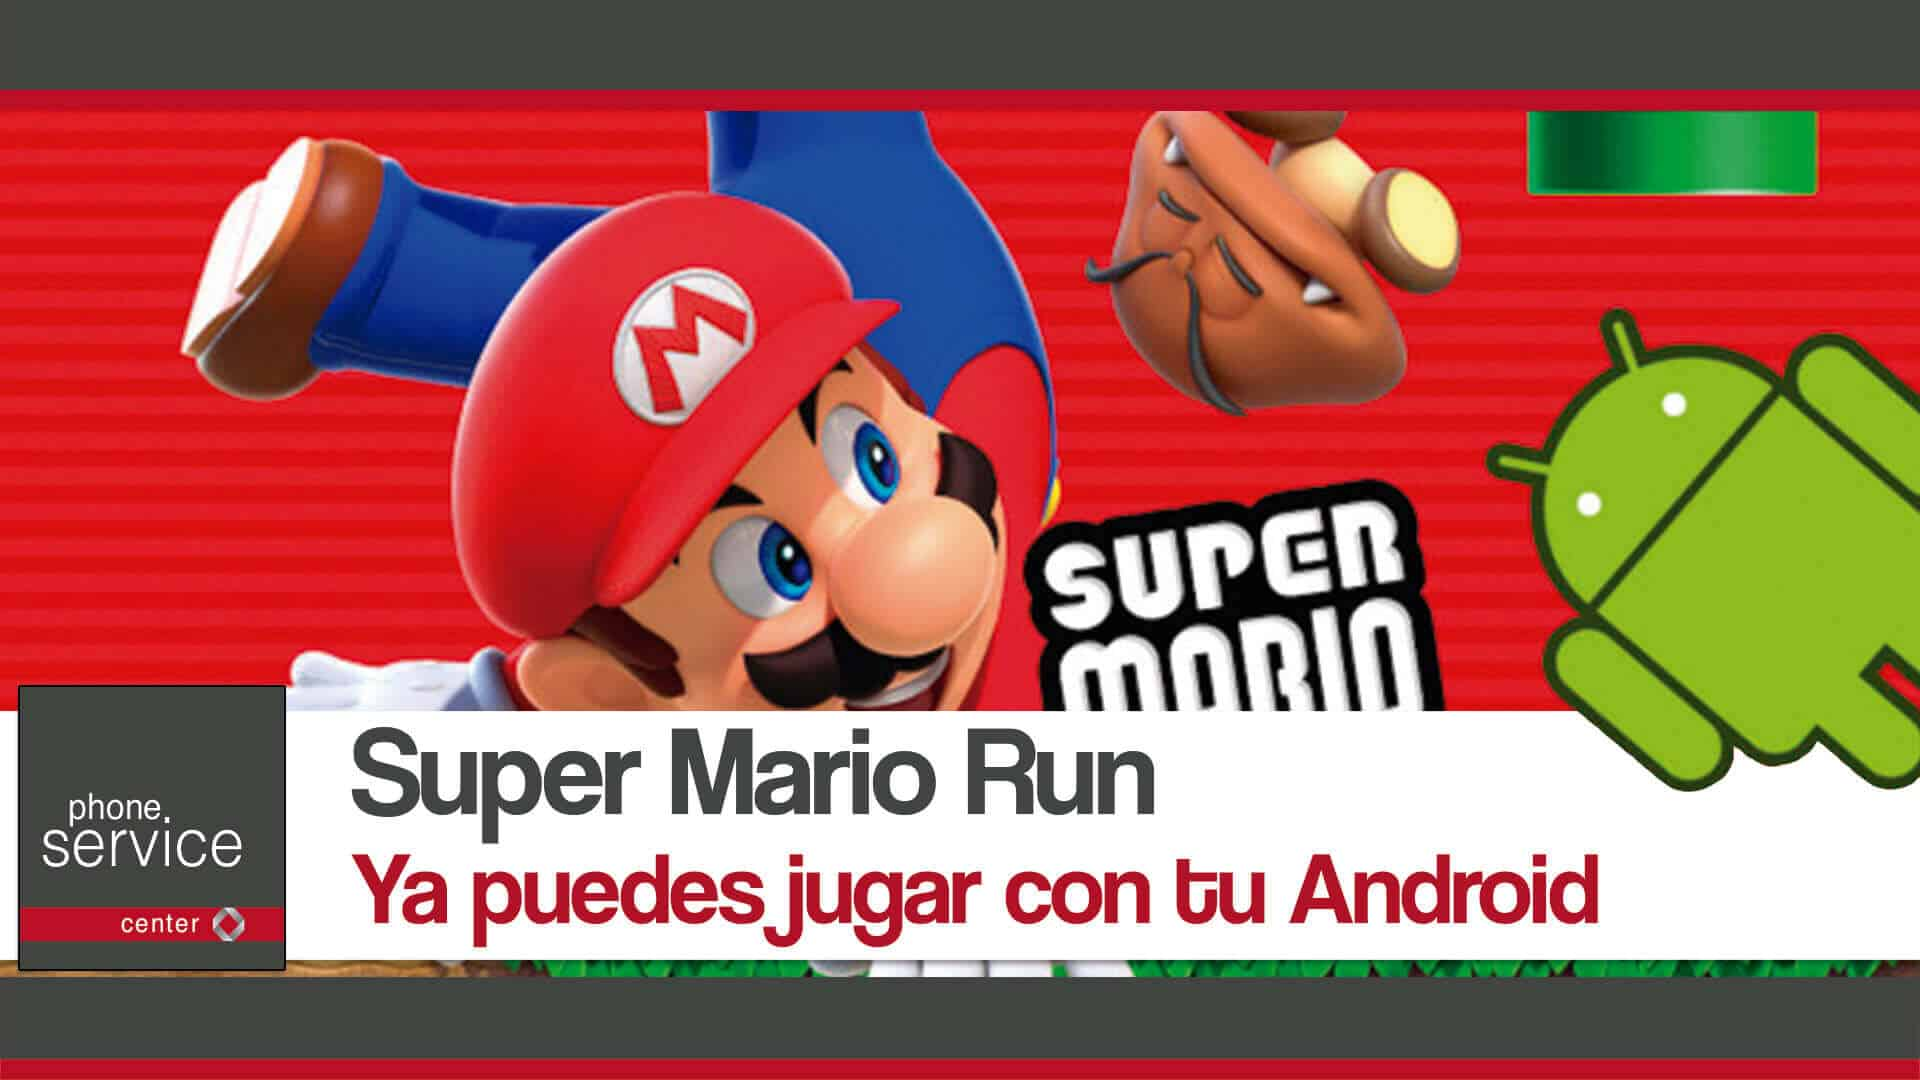 Super Mario Run ya puedes jugar en tu Android